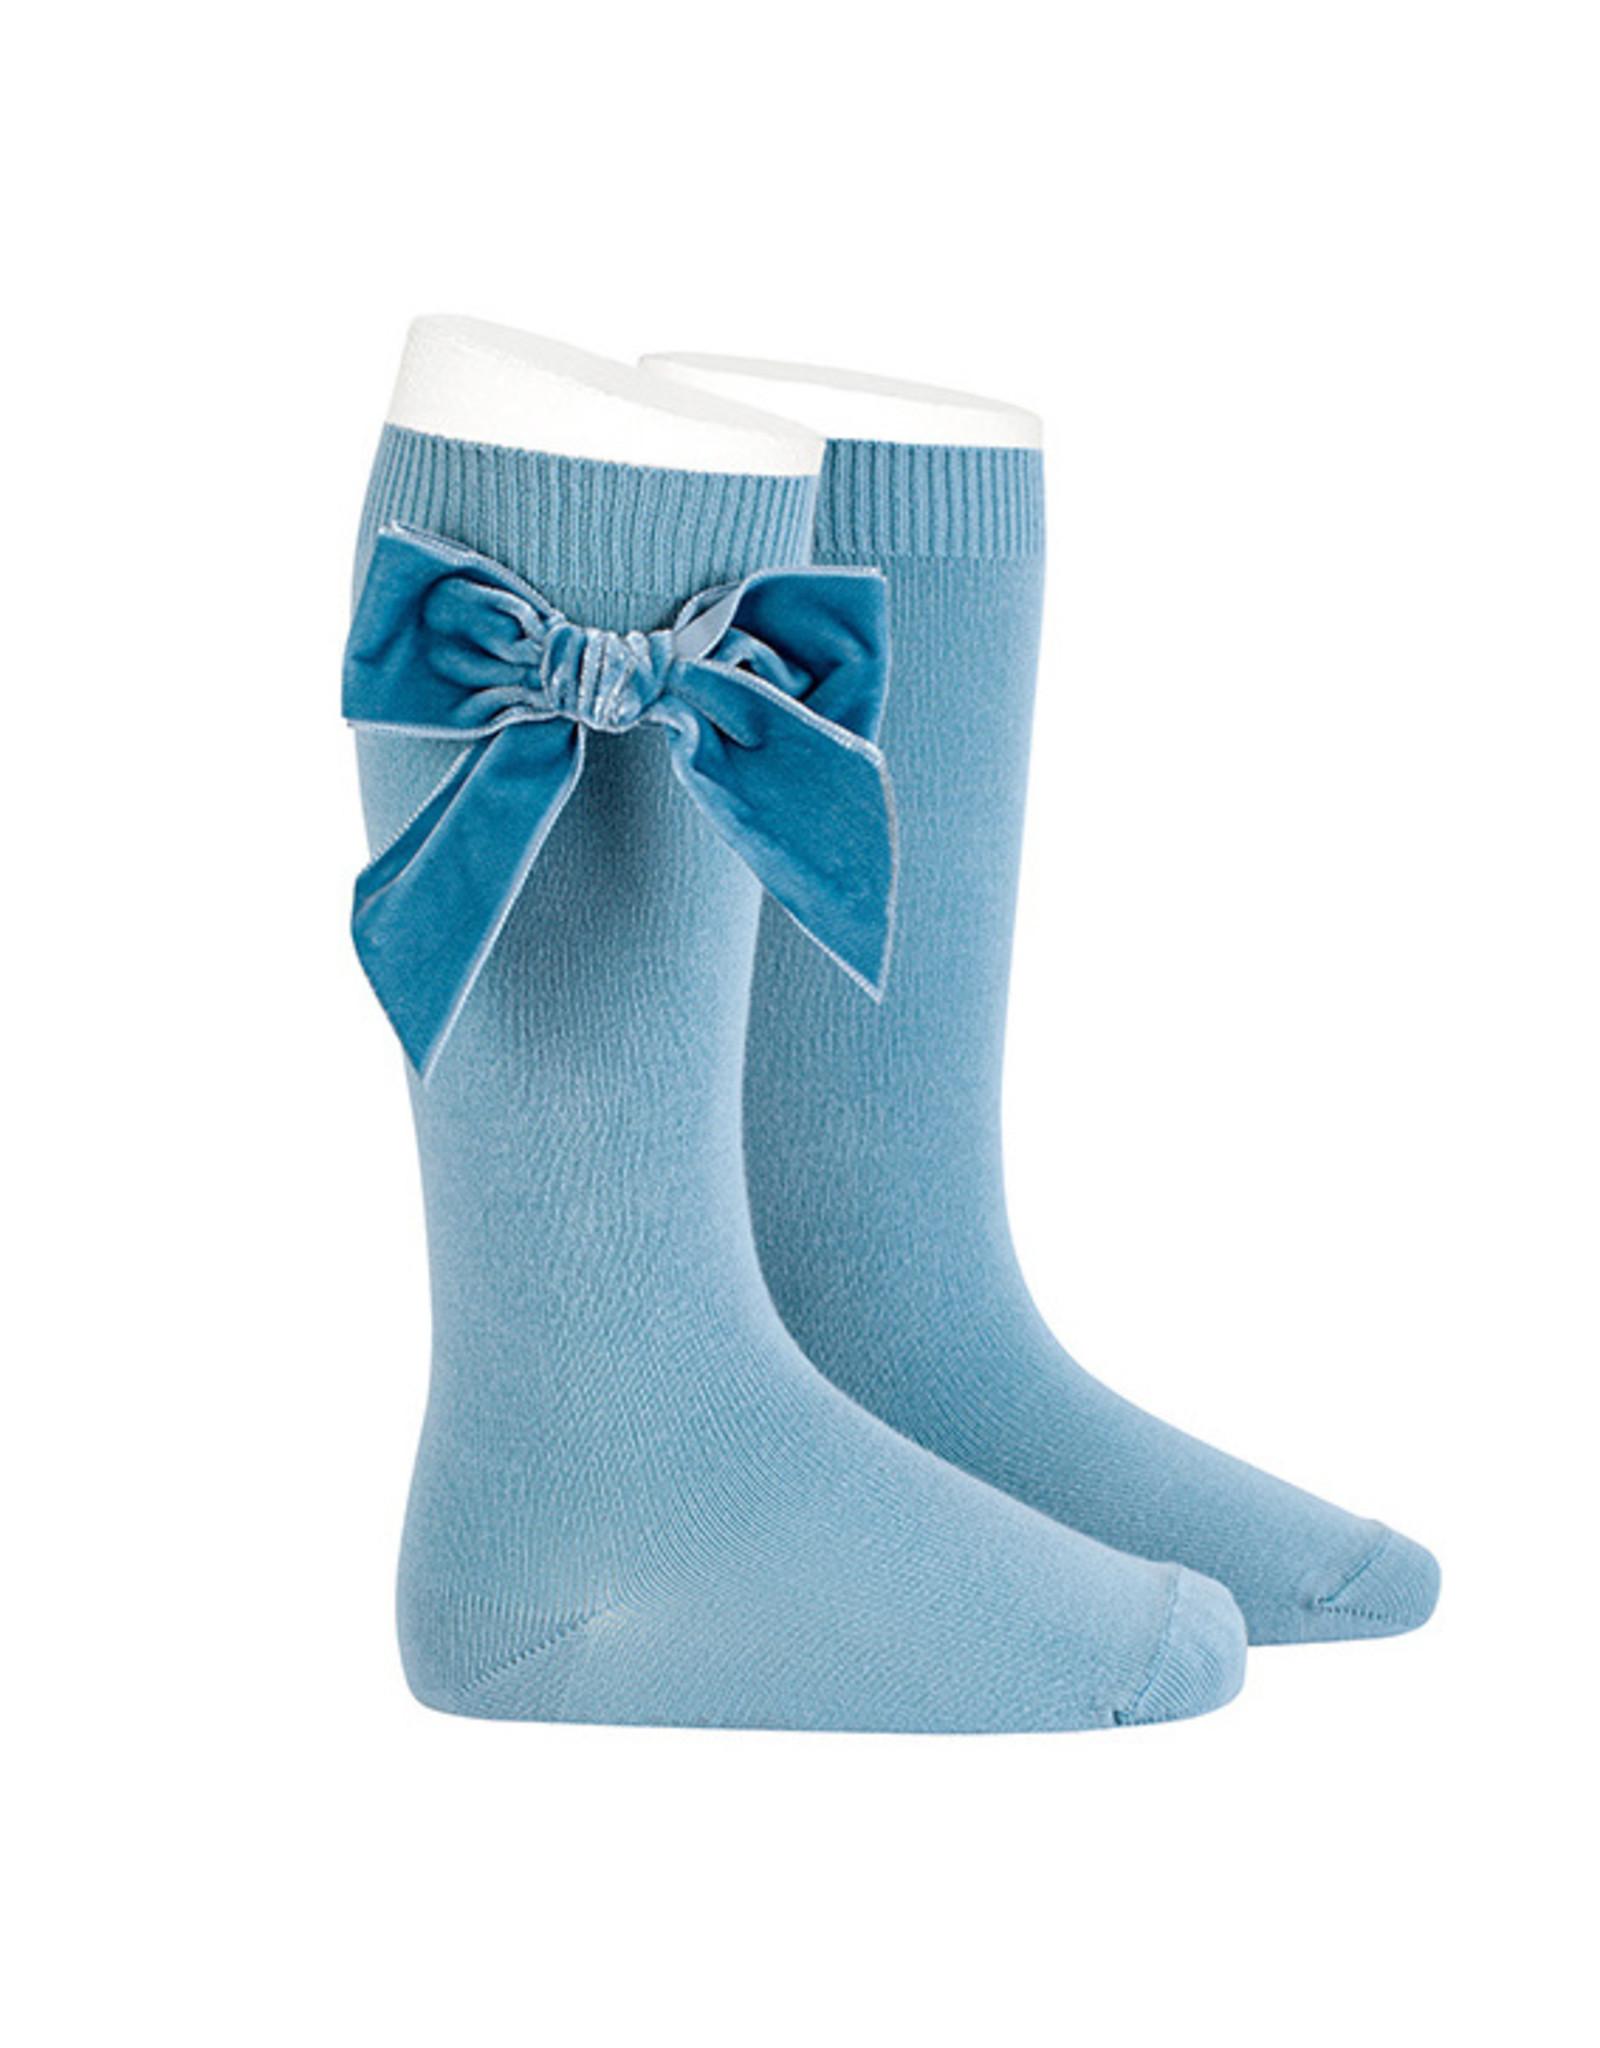 CONDOR Cloud Velvet Bow Socks